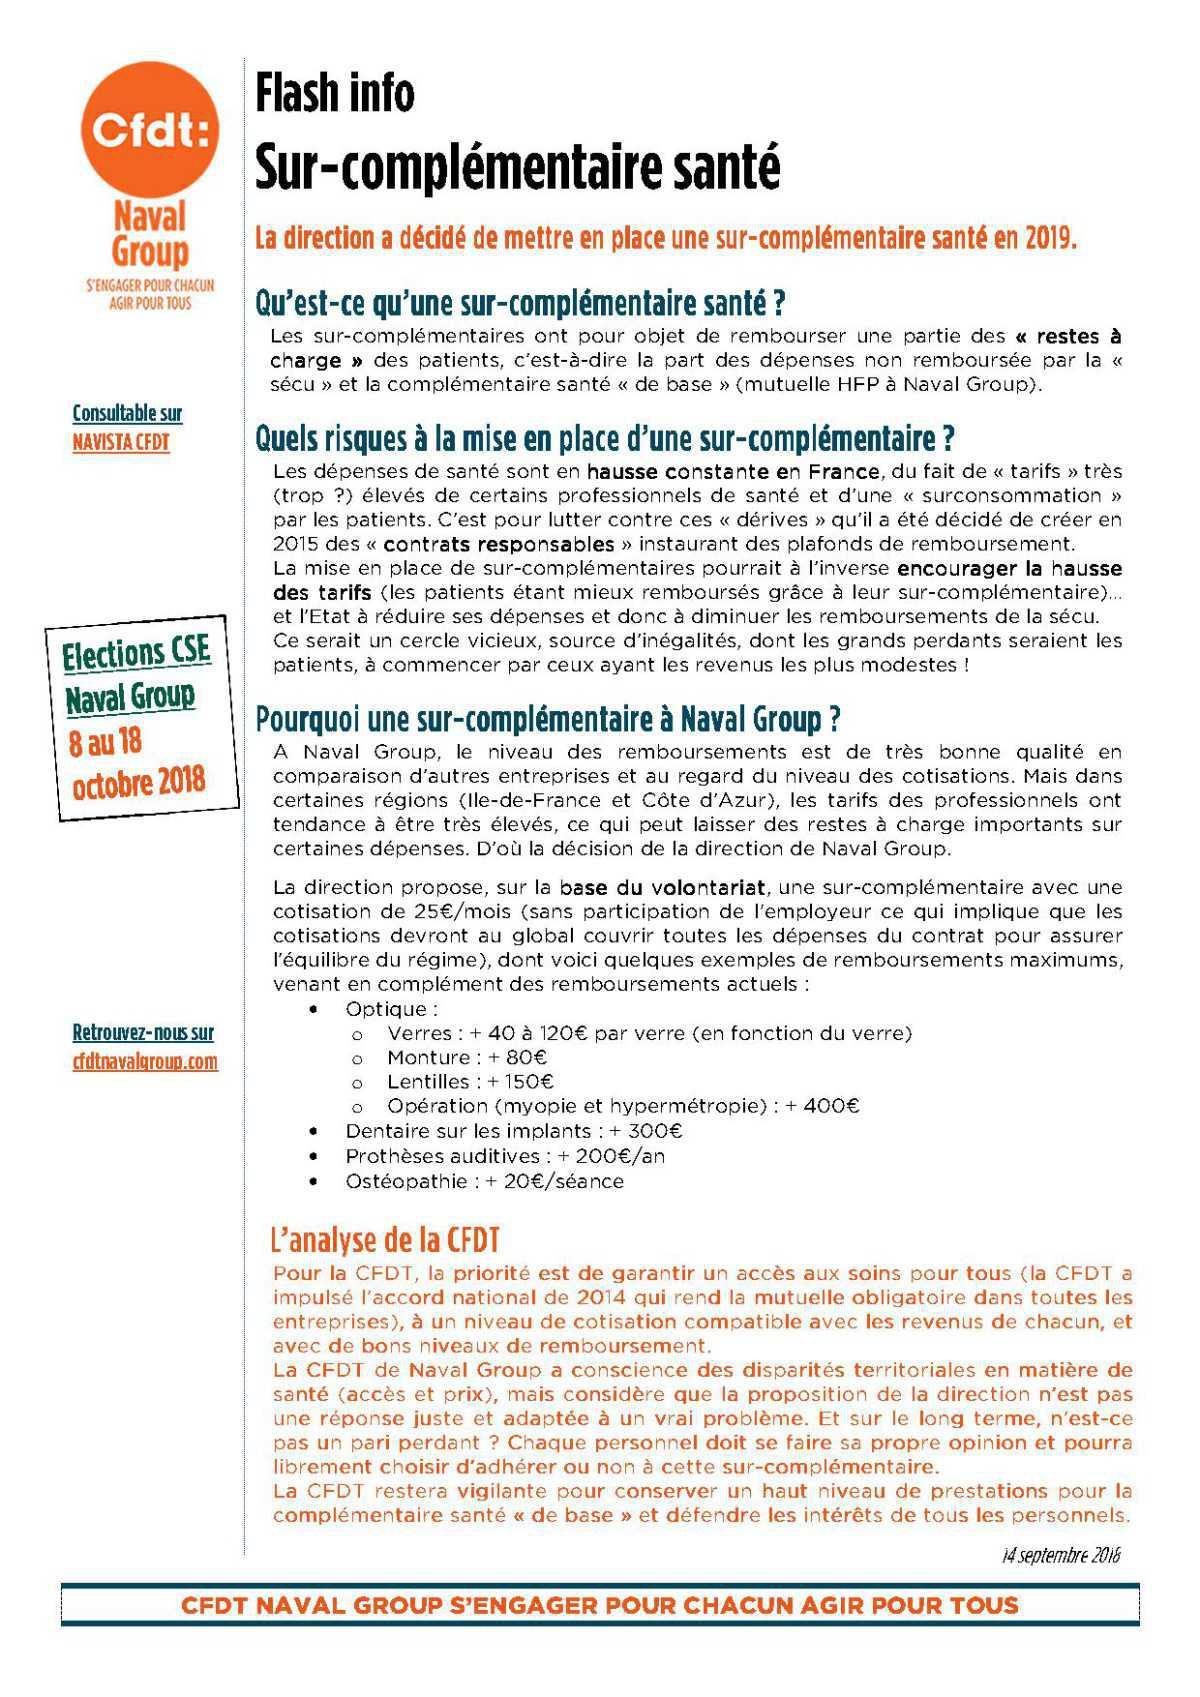 Flash Info CFDT : sur-complémentaire santé